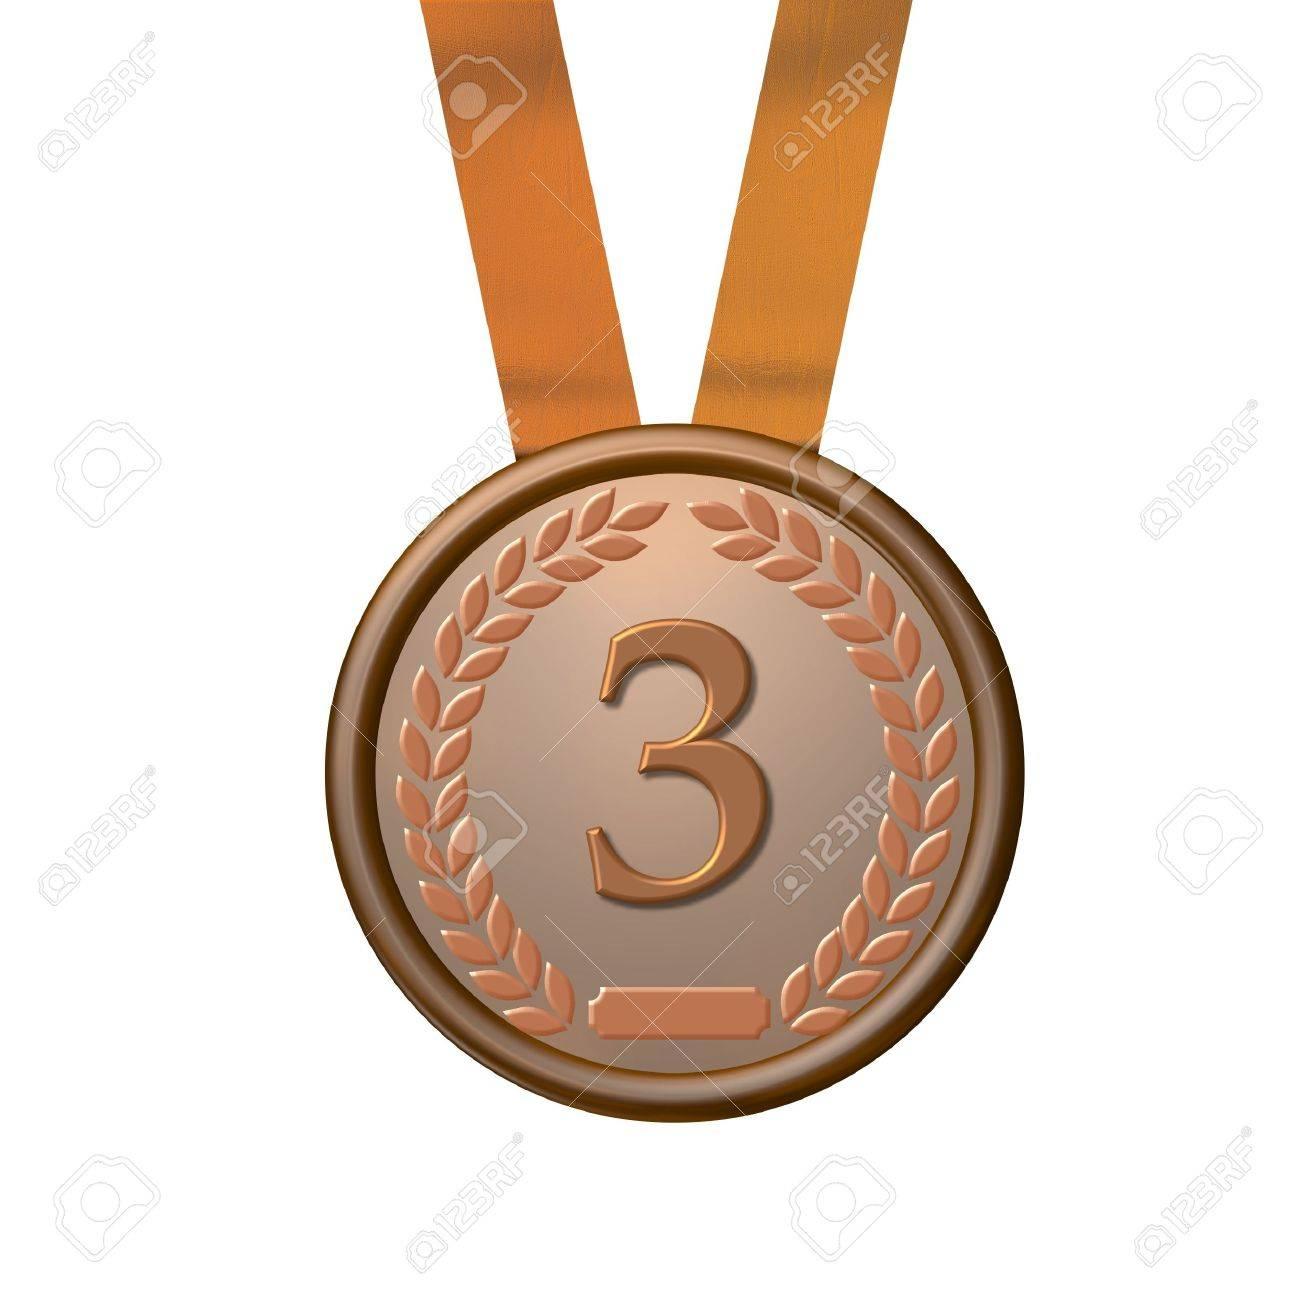 [Imagen: 6700987-ilustraci%C3%B3n-de-una-medalla-de-bronce-.jpg]